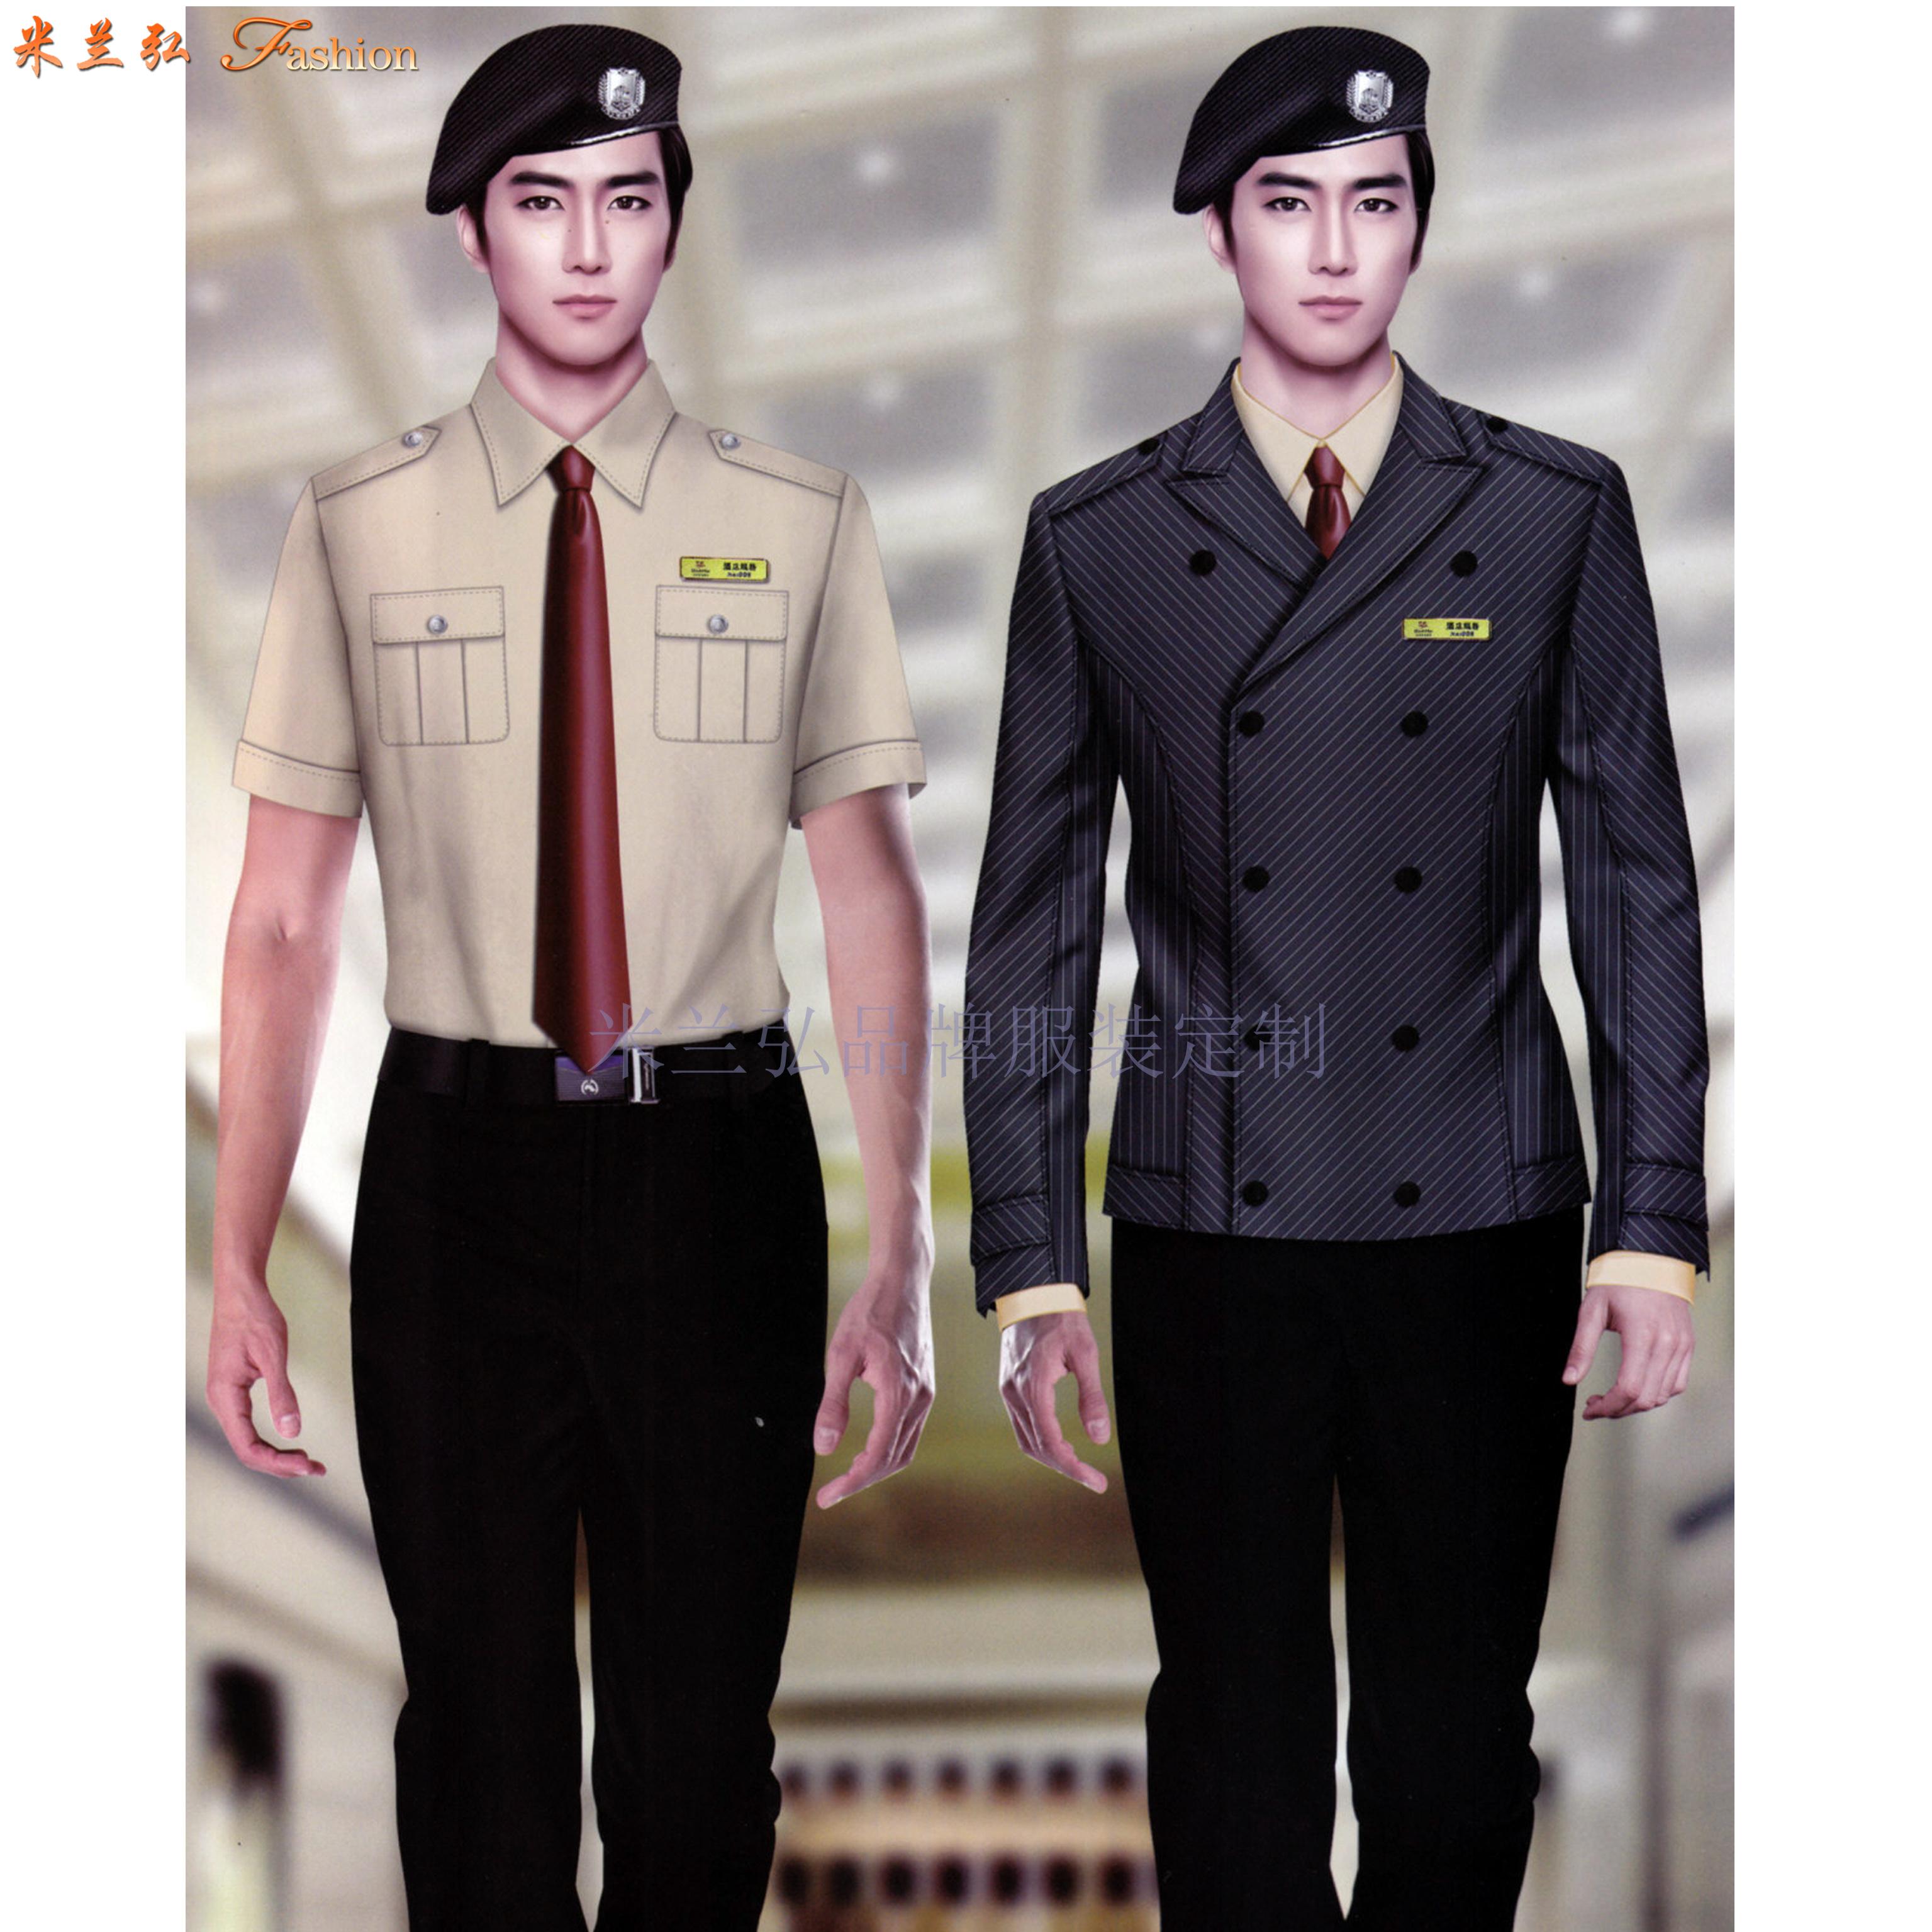 平涼酒店制服訂做-新穎潮流-米蘭弘服裝-5